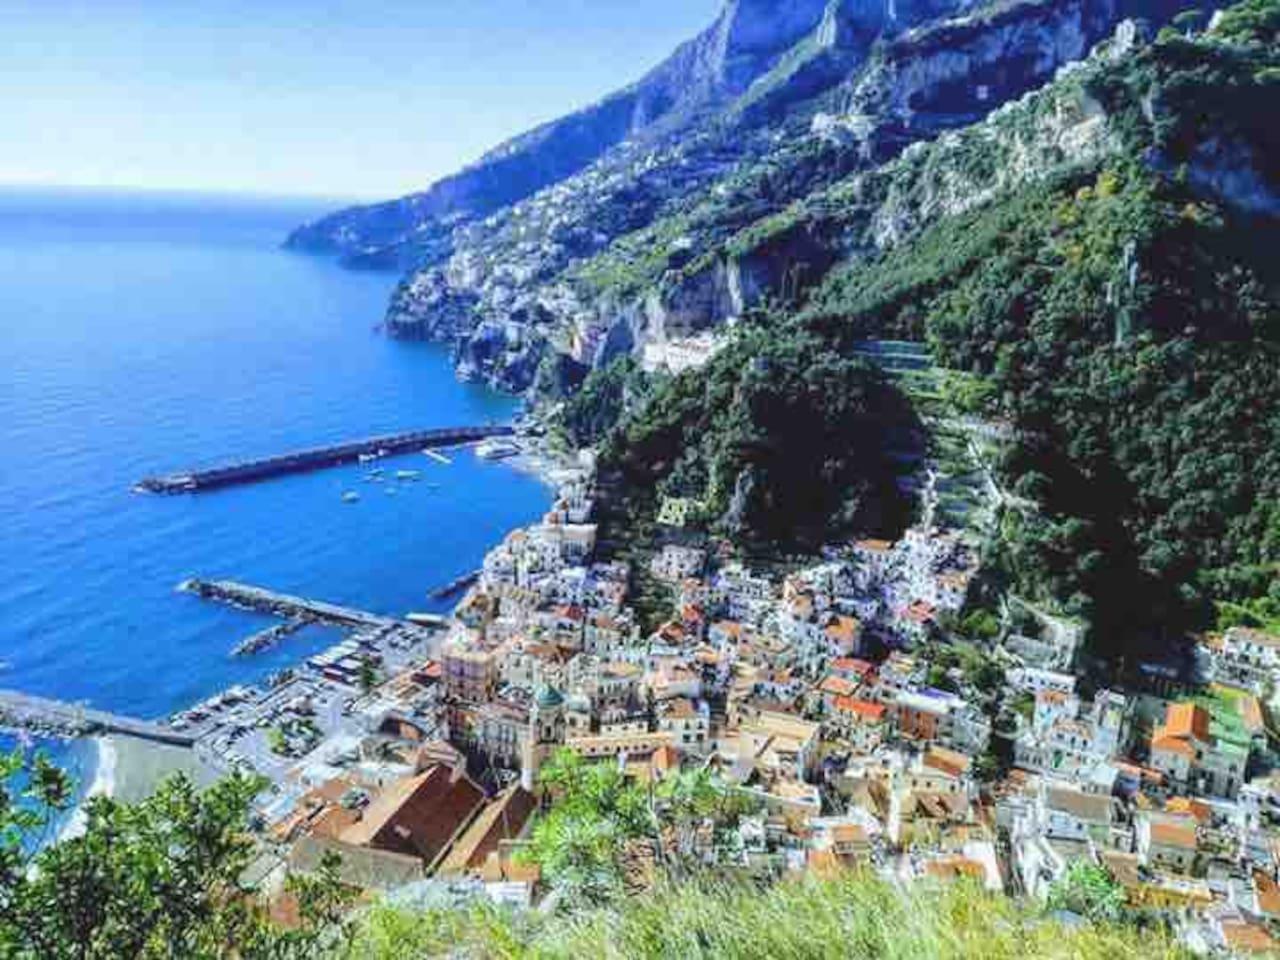 Amalfi's view